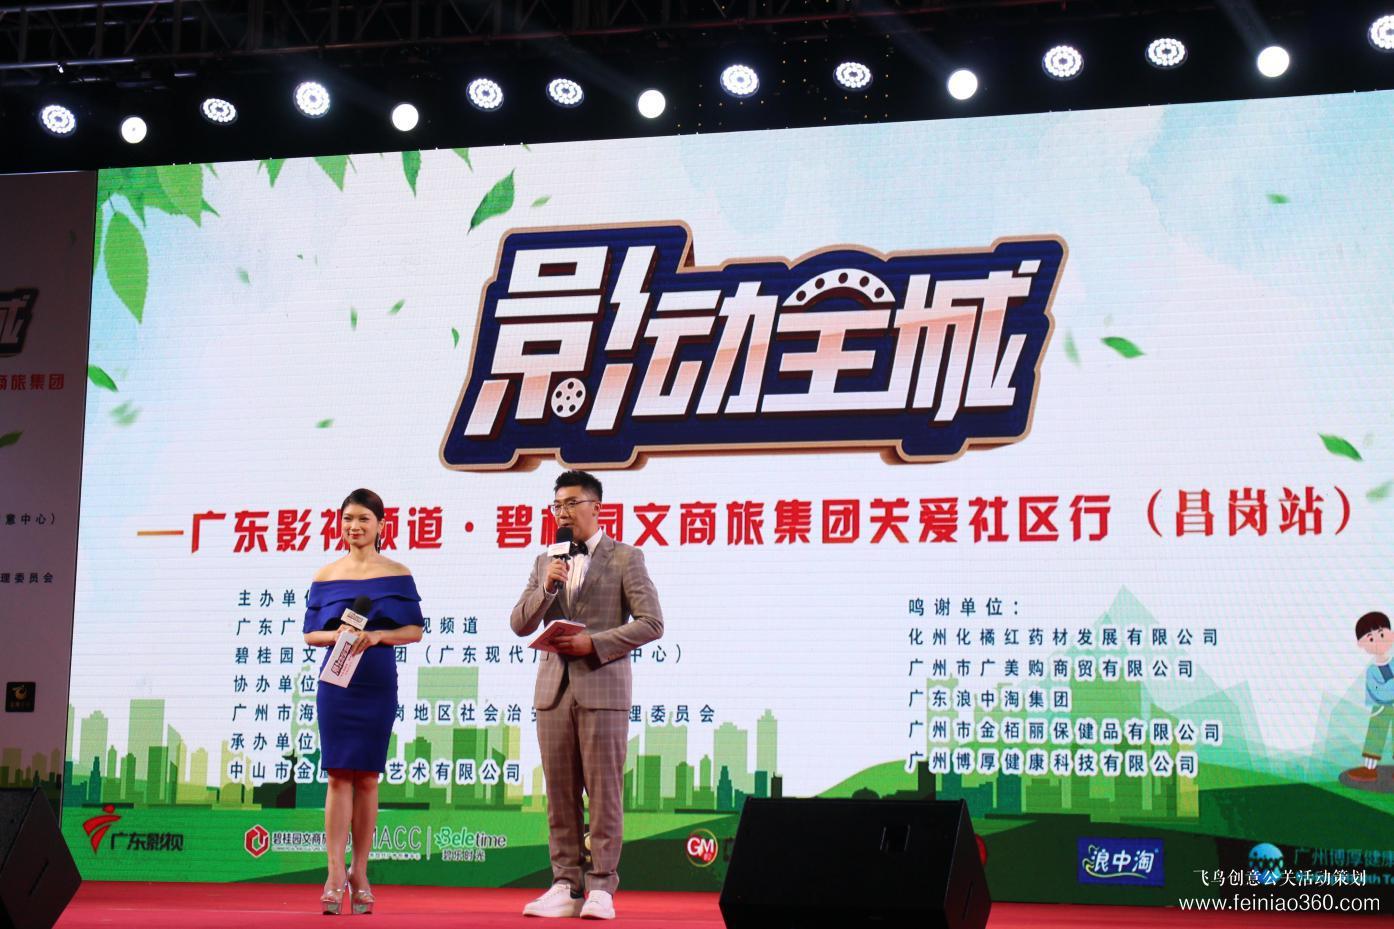 歌舞、小品、魔术表演……昌岗街举办这场关爱社区行活动精彩连连